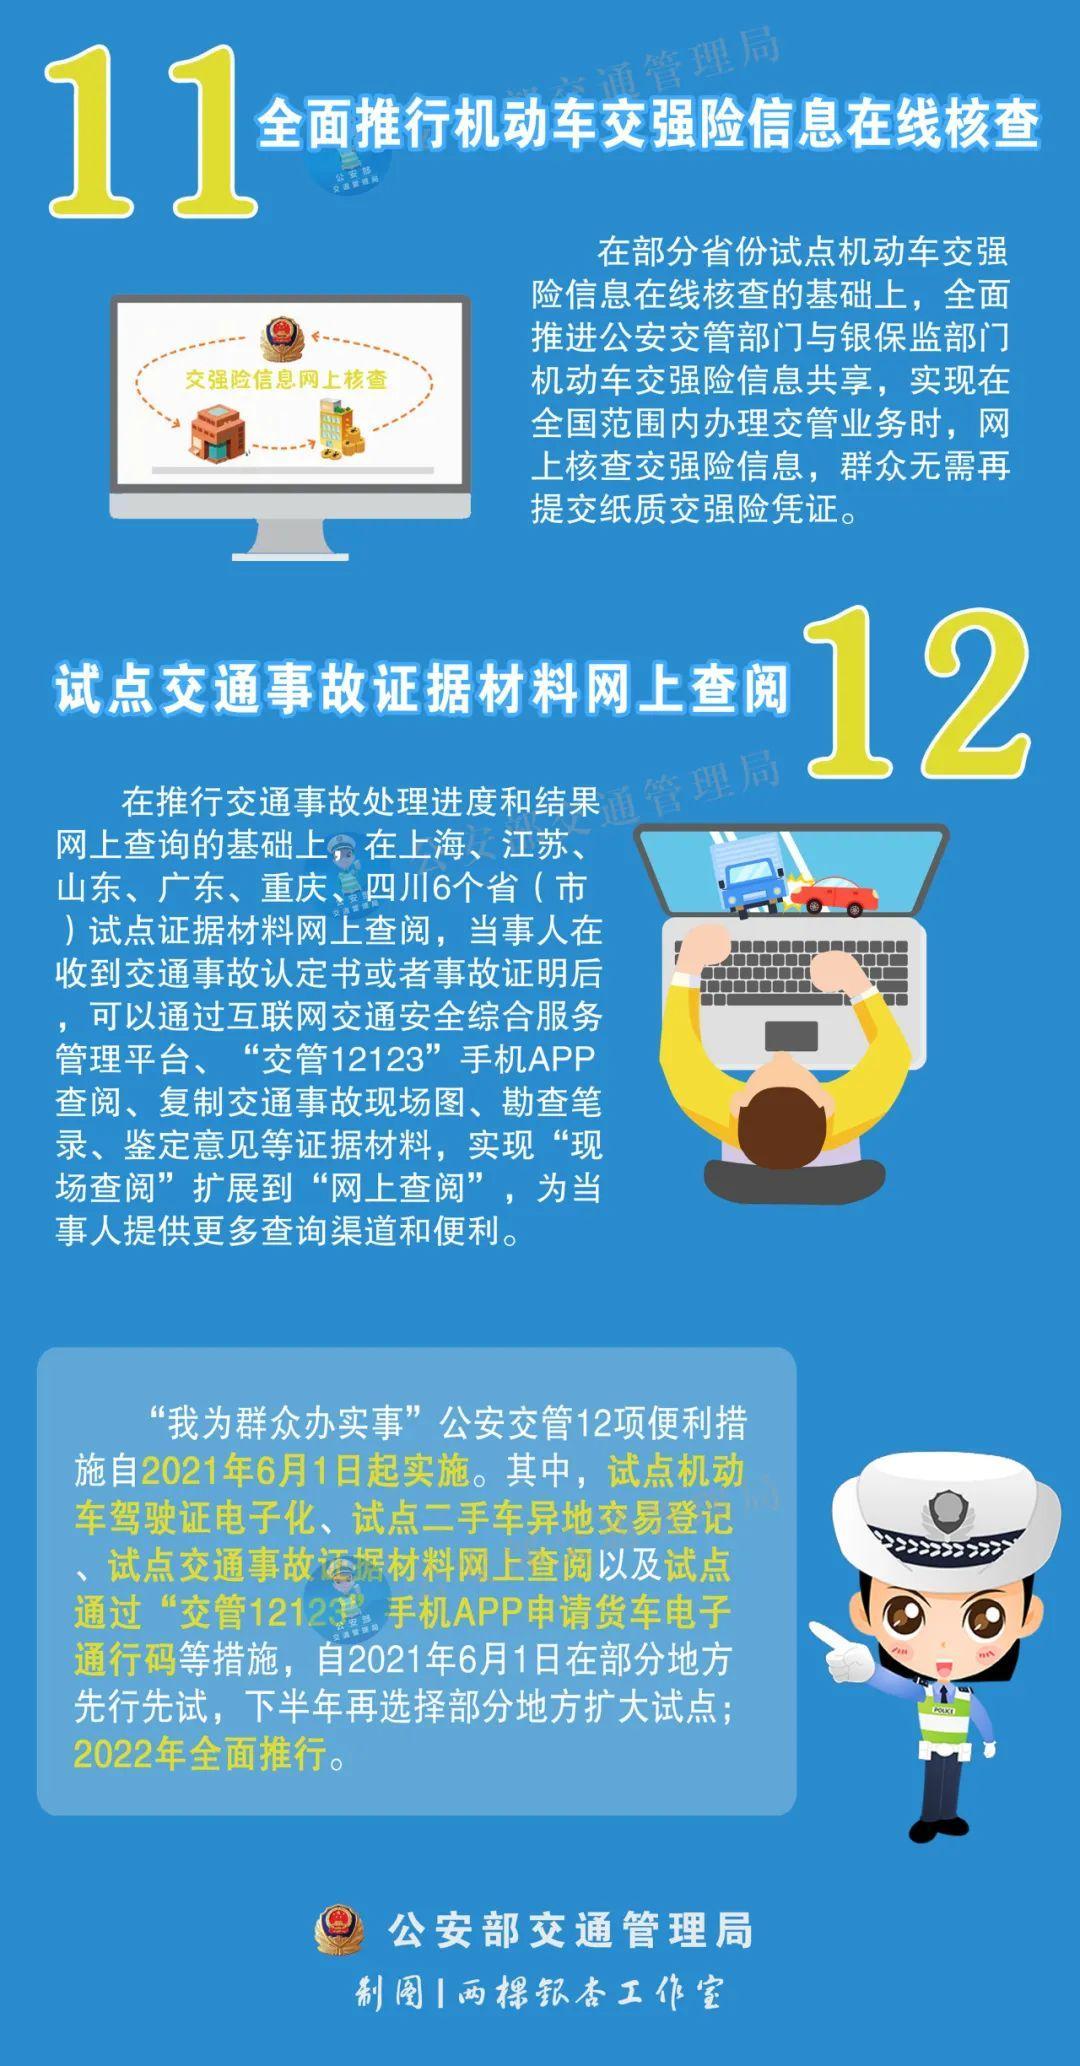 驾考6月1日起有大调整!公安交管推出12项便利措施!